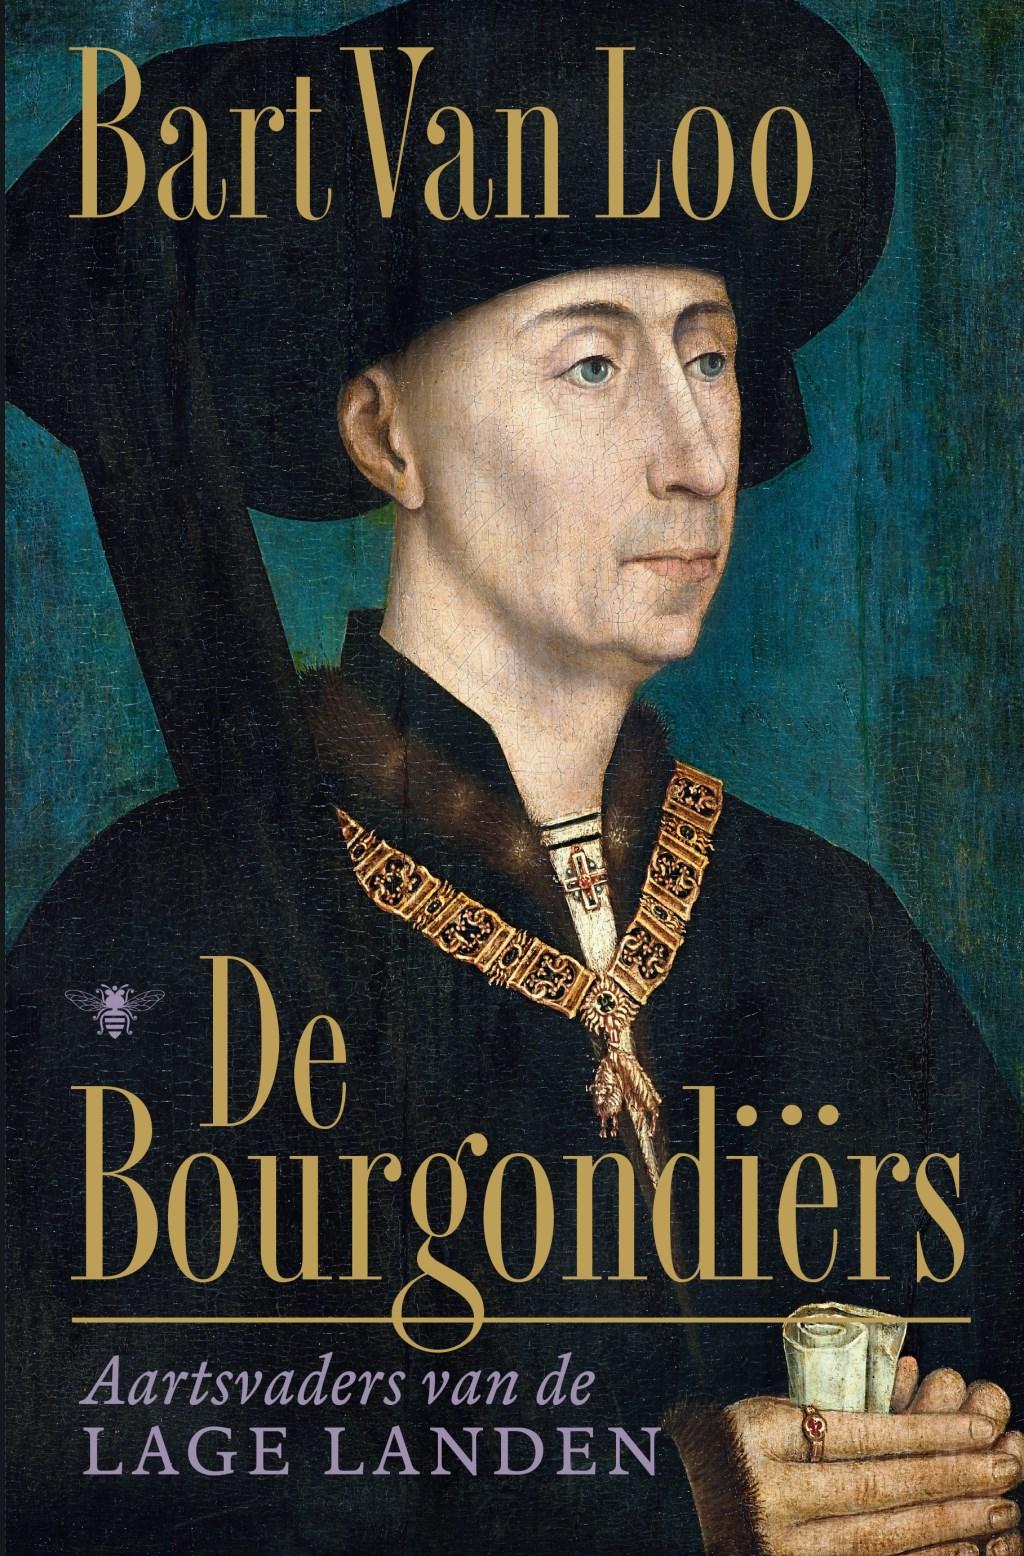 © bosscheomroep.nl